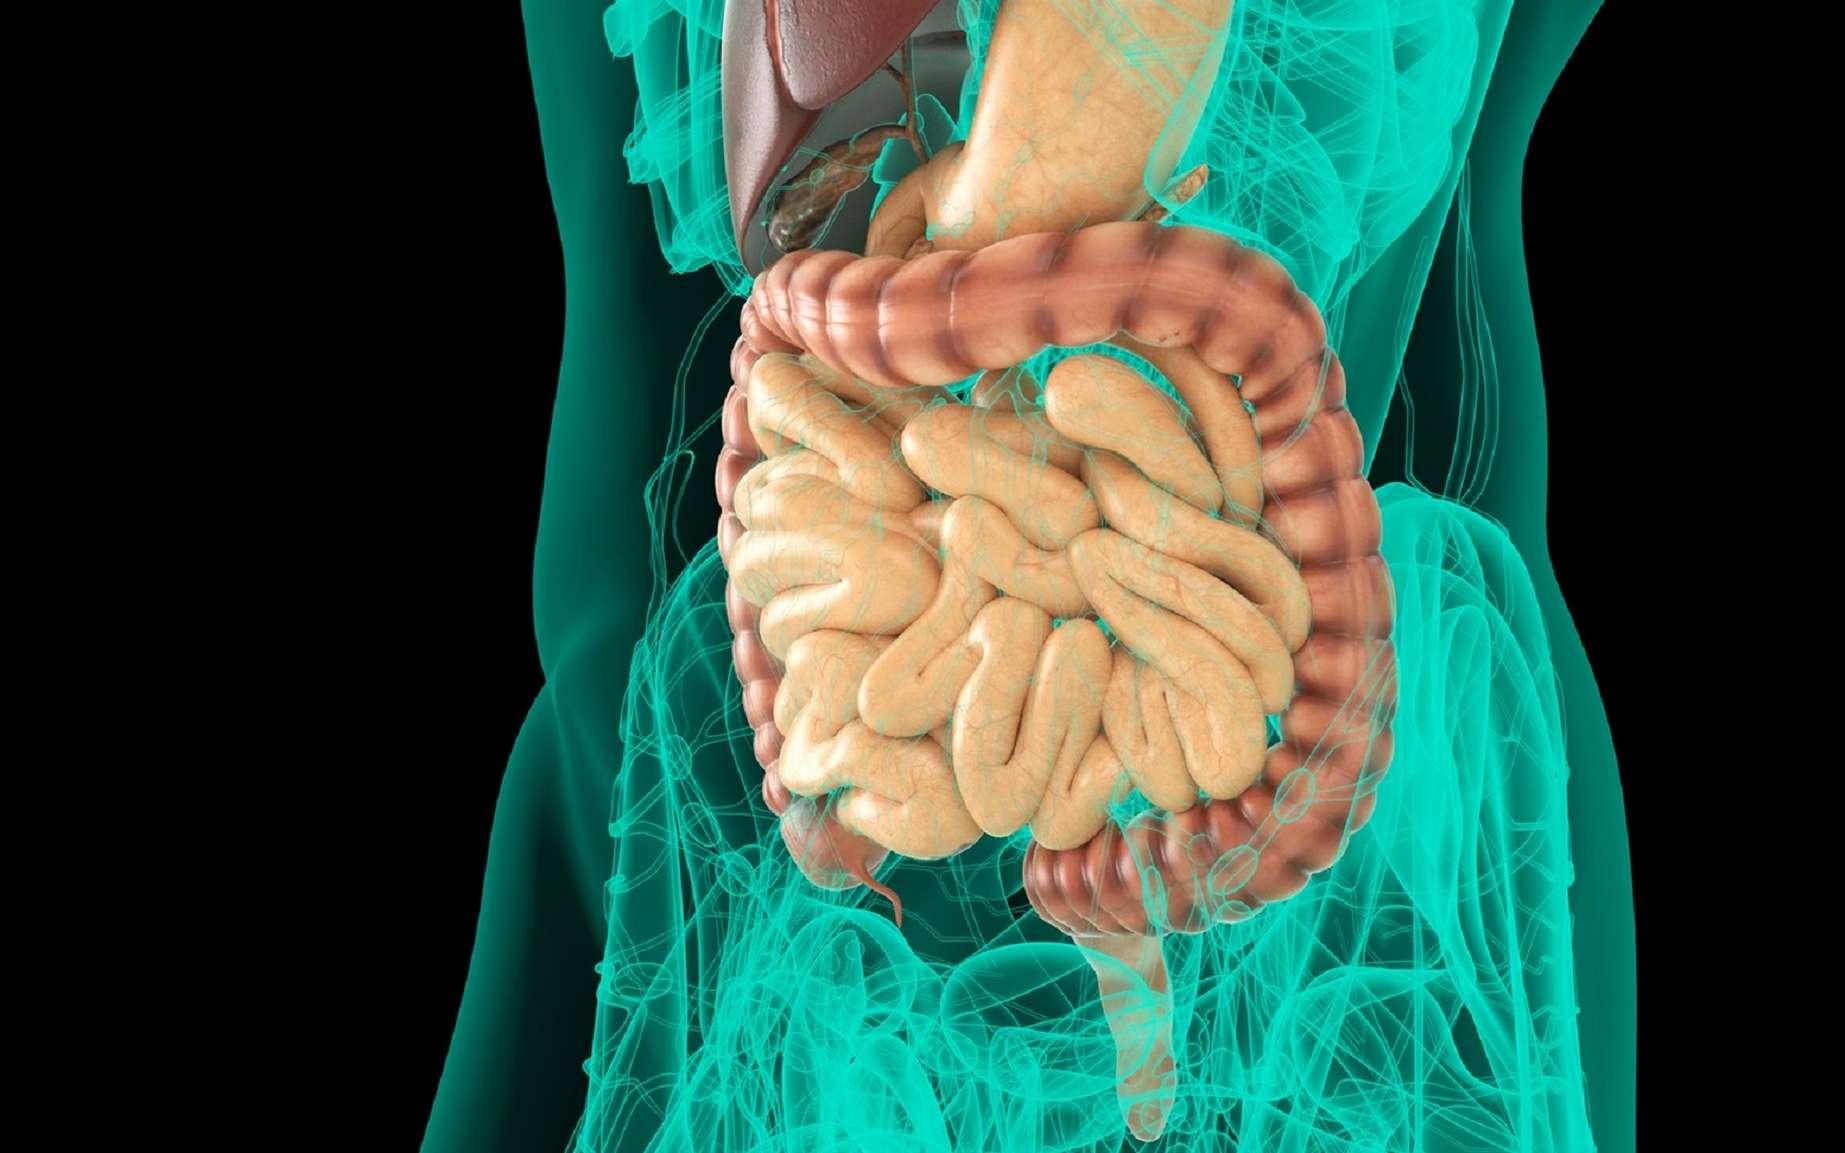 Le mésentère permet d'attacher l'intestin grêle à la cavité abdominale. © Two Brains Studios, Fotolia